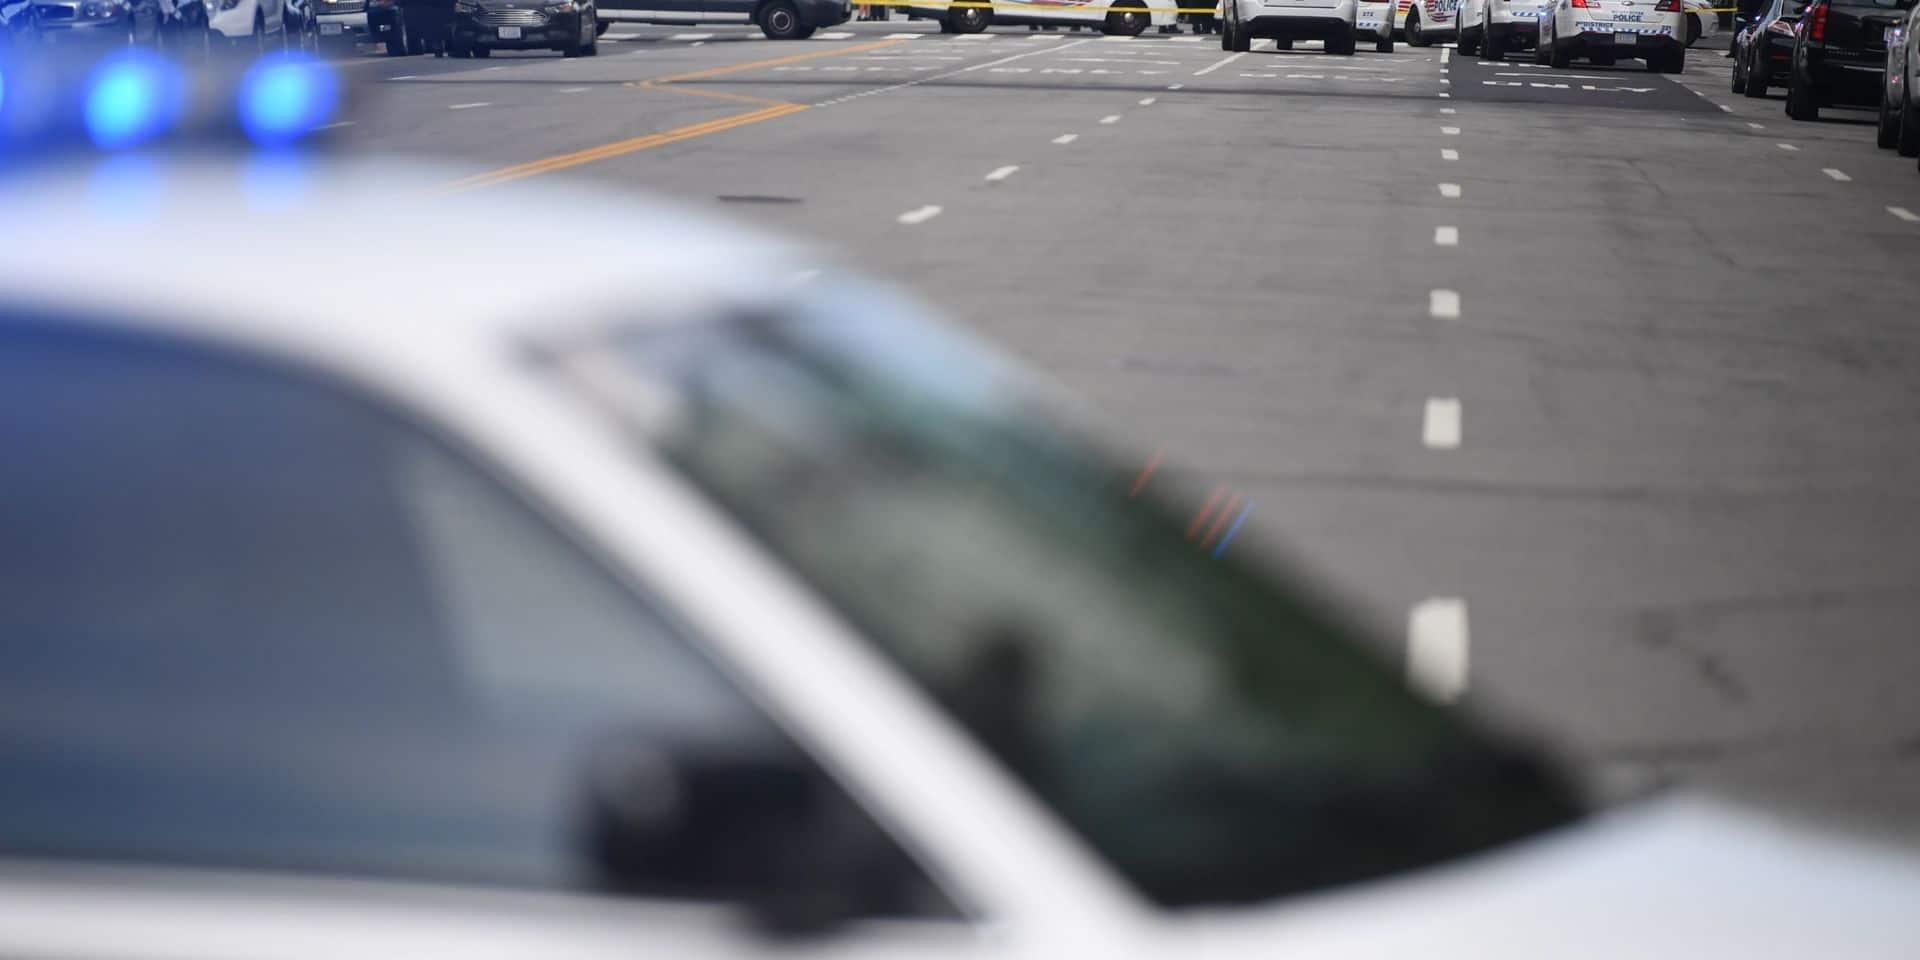 Nouvelle fusillade aux Etats-Unis: au moins 17 blessés